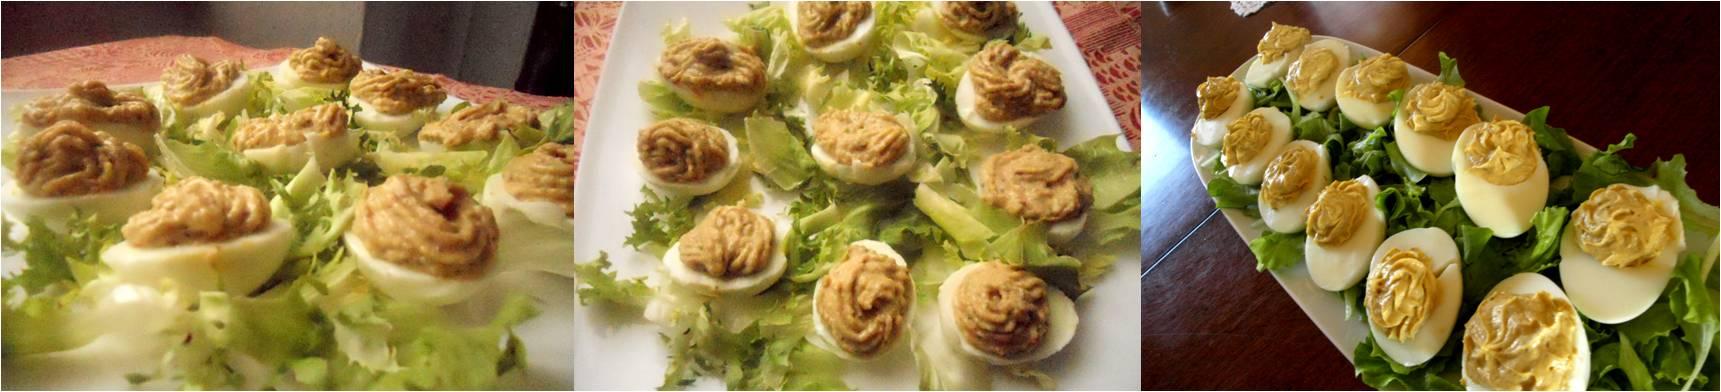 ricetta uova ripiene passo passo 3